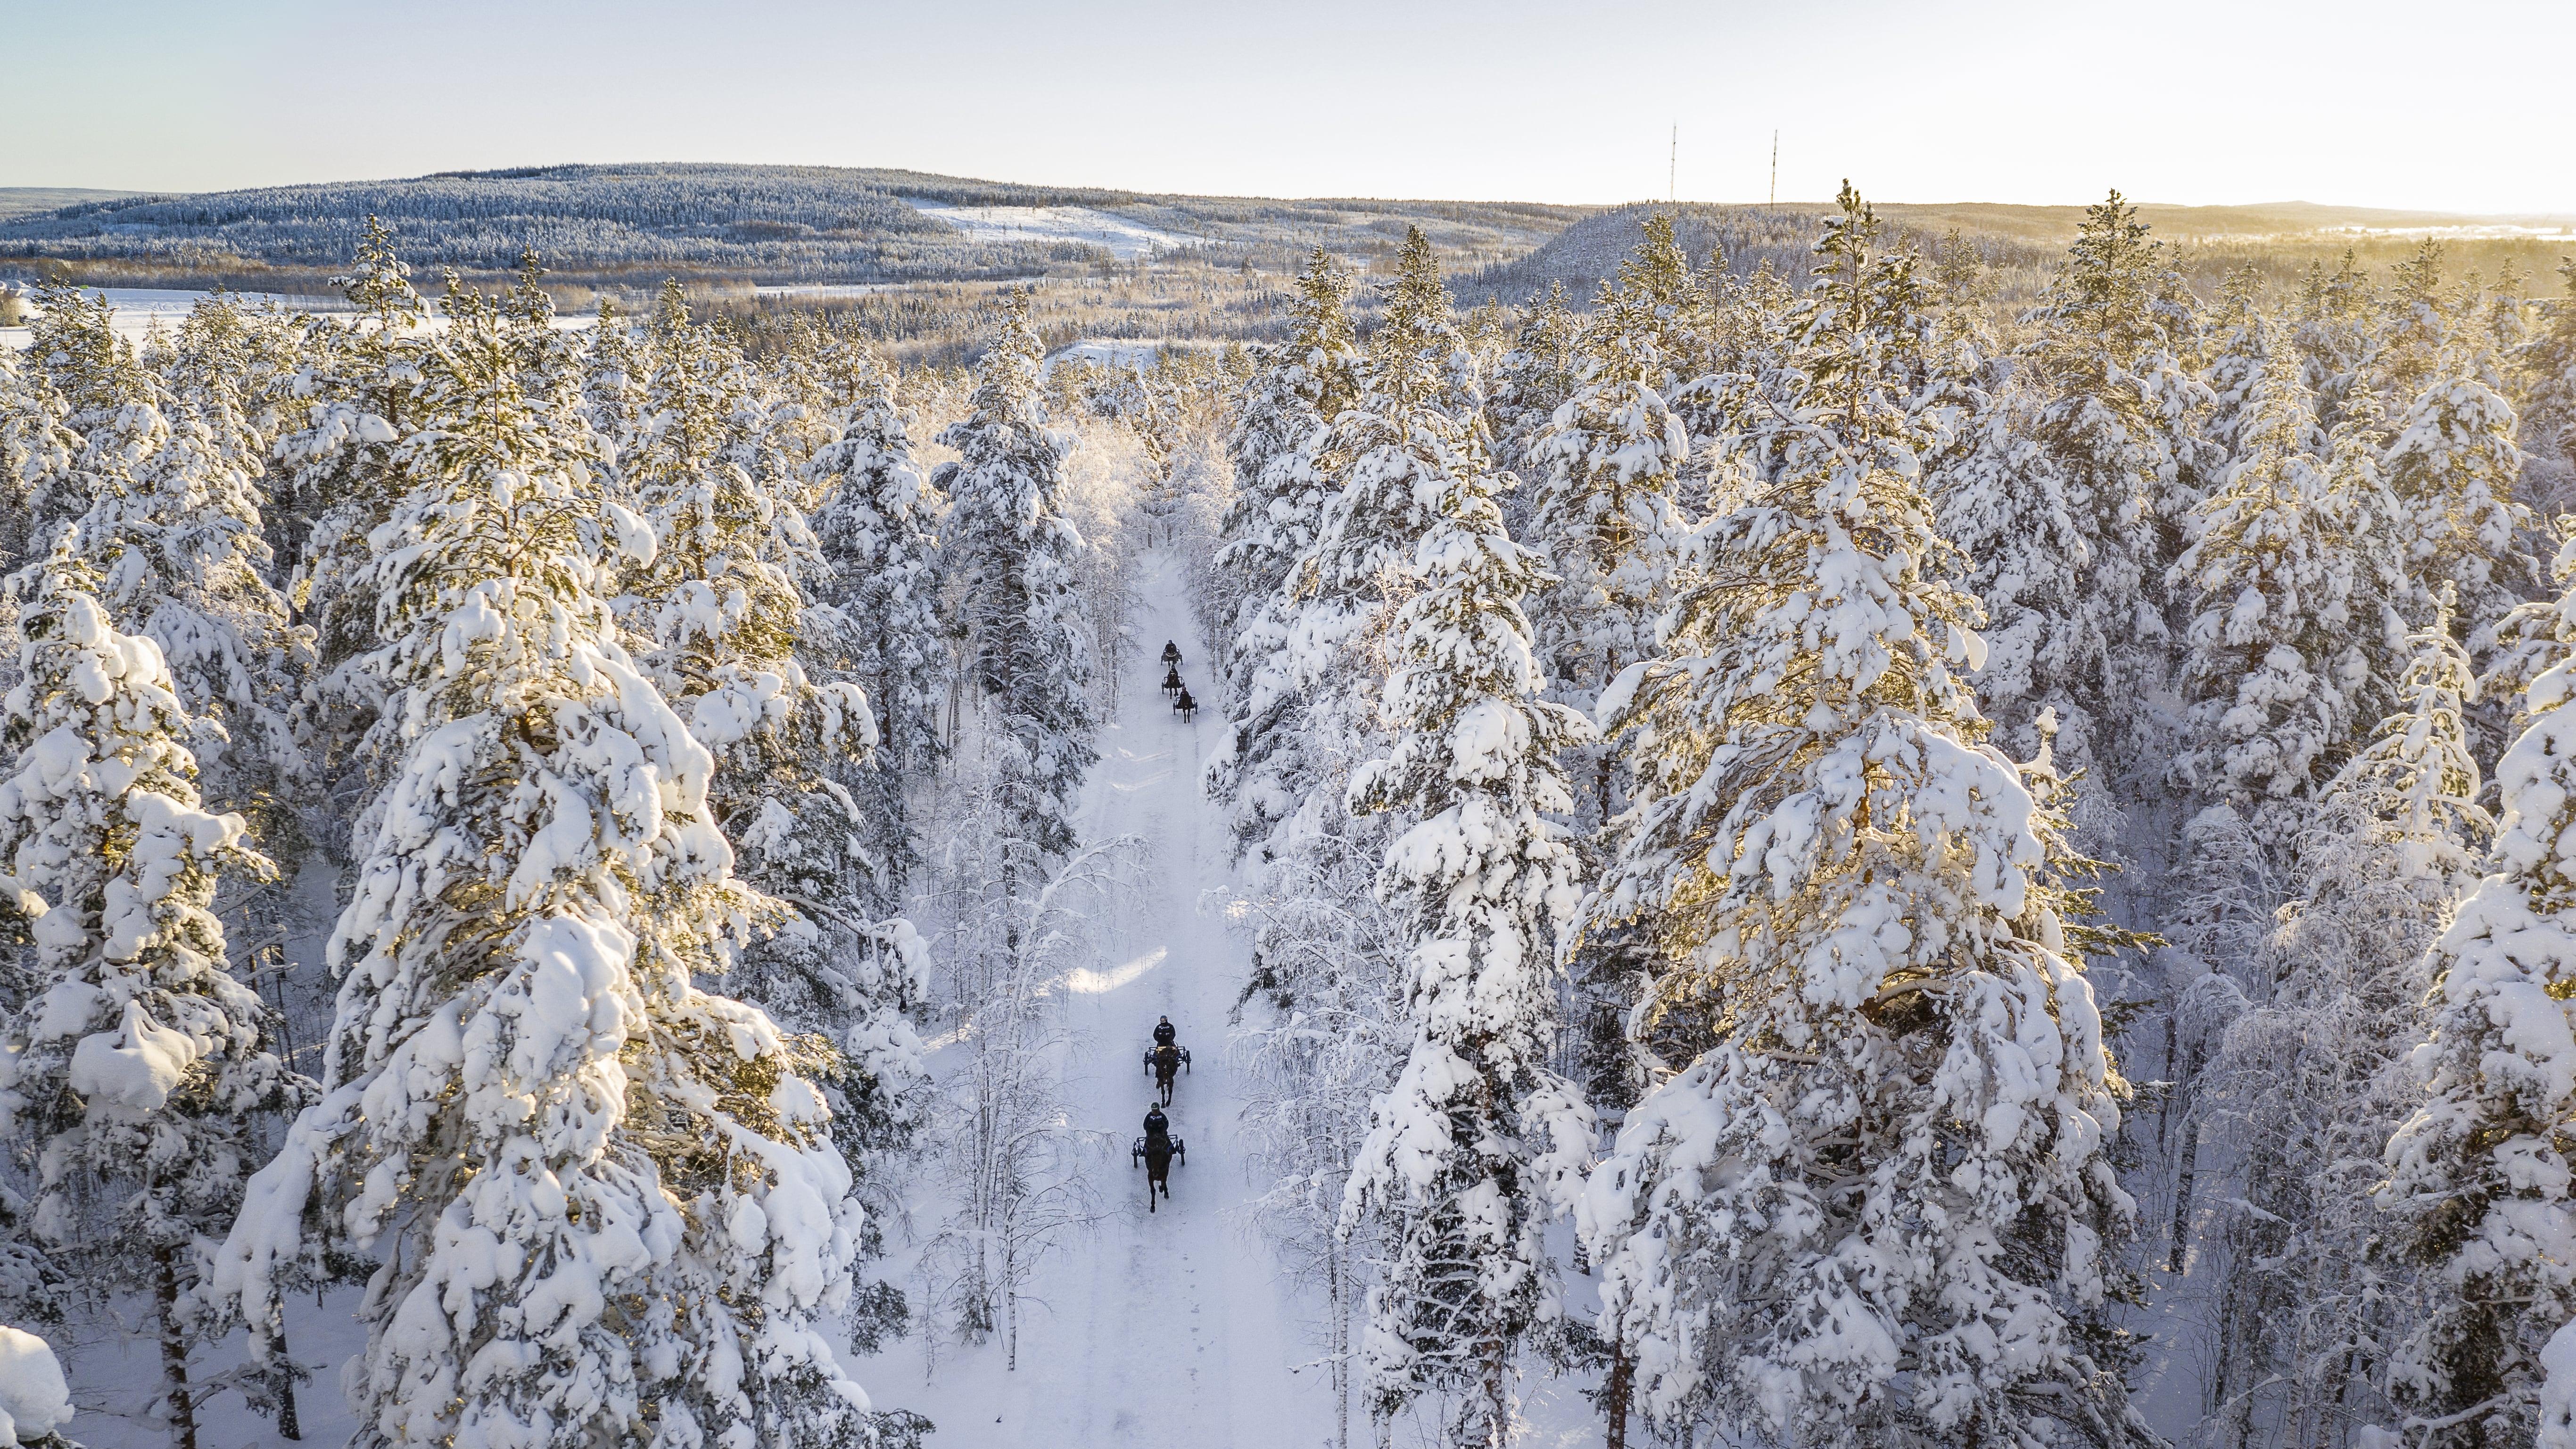 Fina banor i häststaden Boden, ett reportage från Boden Bild nummer 1 2019